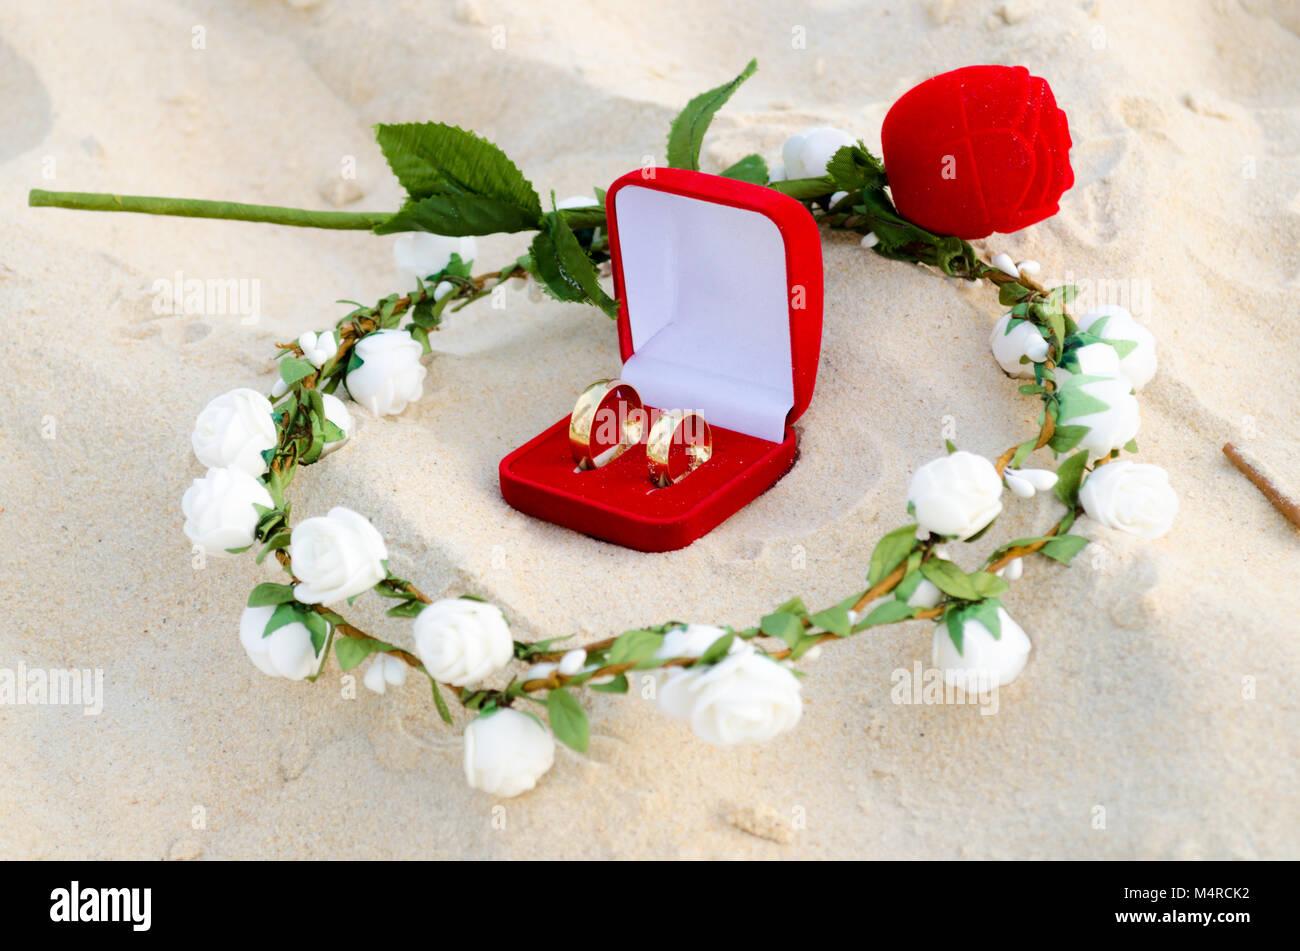 Red Box Mit Hochzeit Ringe In Der Mitte Von Einem Kranz Aus Weissen